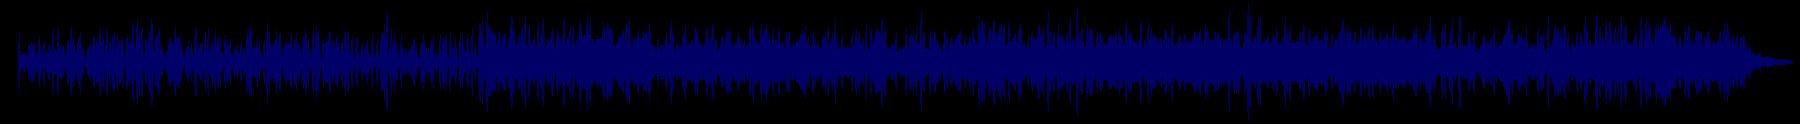 waveform of track #70053